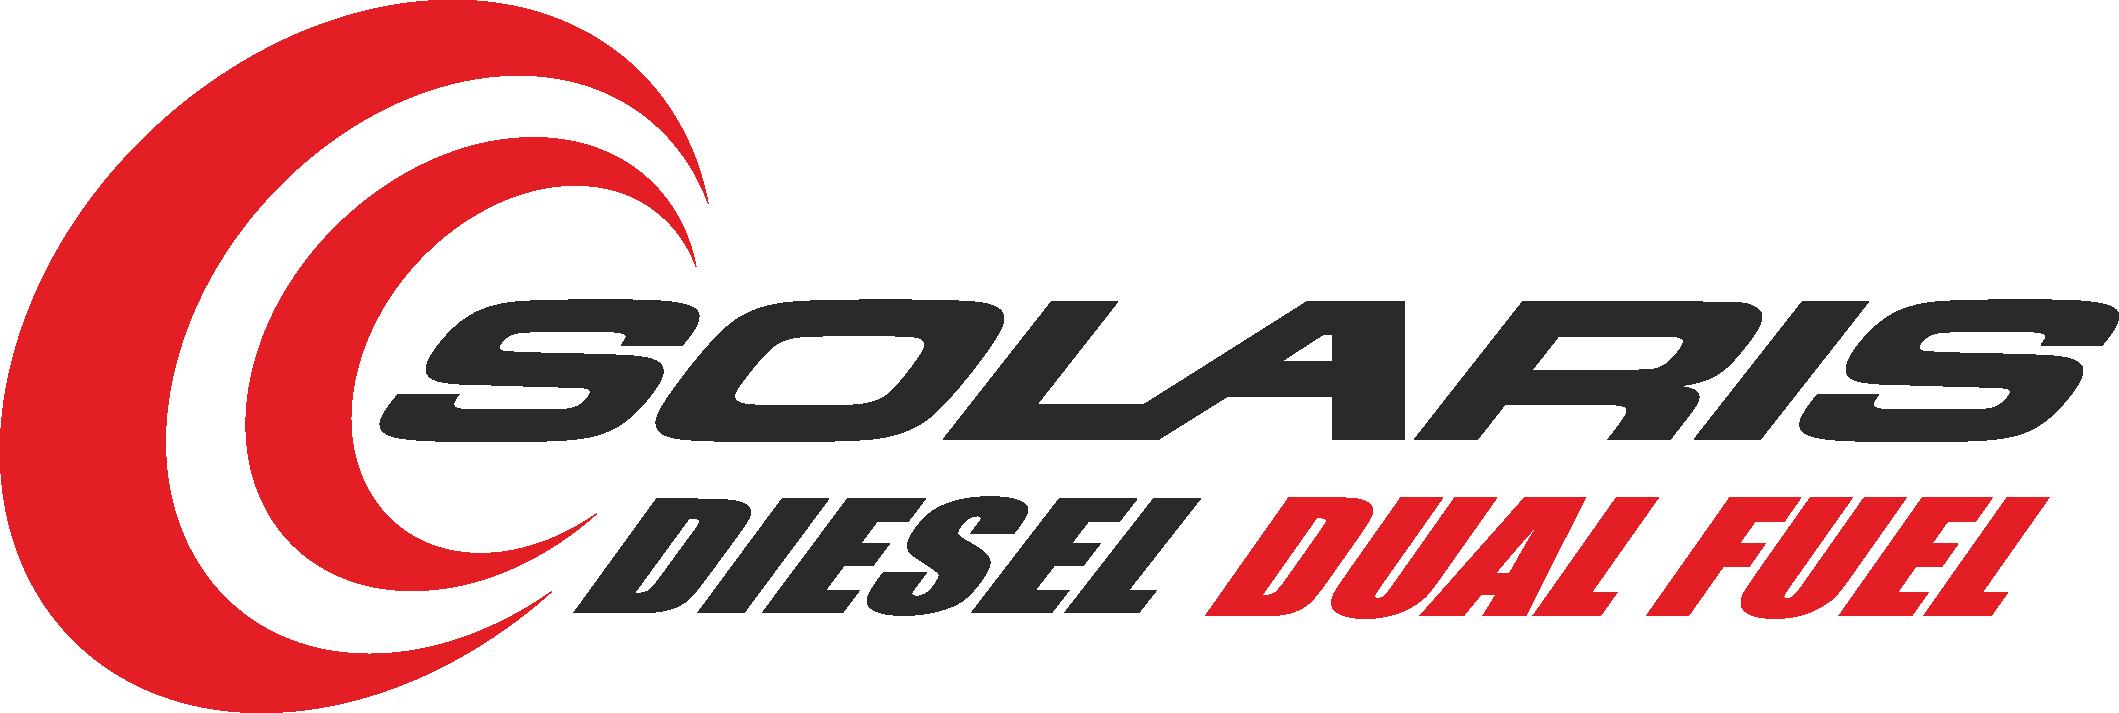 Dual Fuel Solaris Diesel - Dieselgas